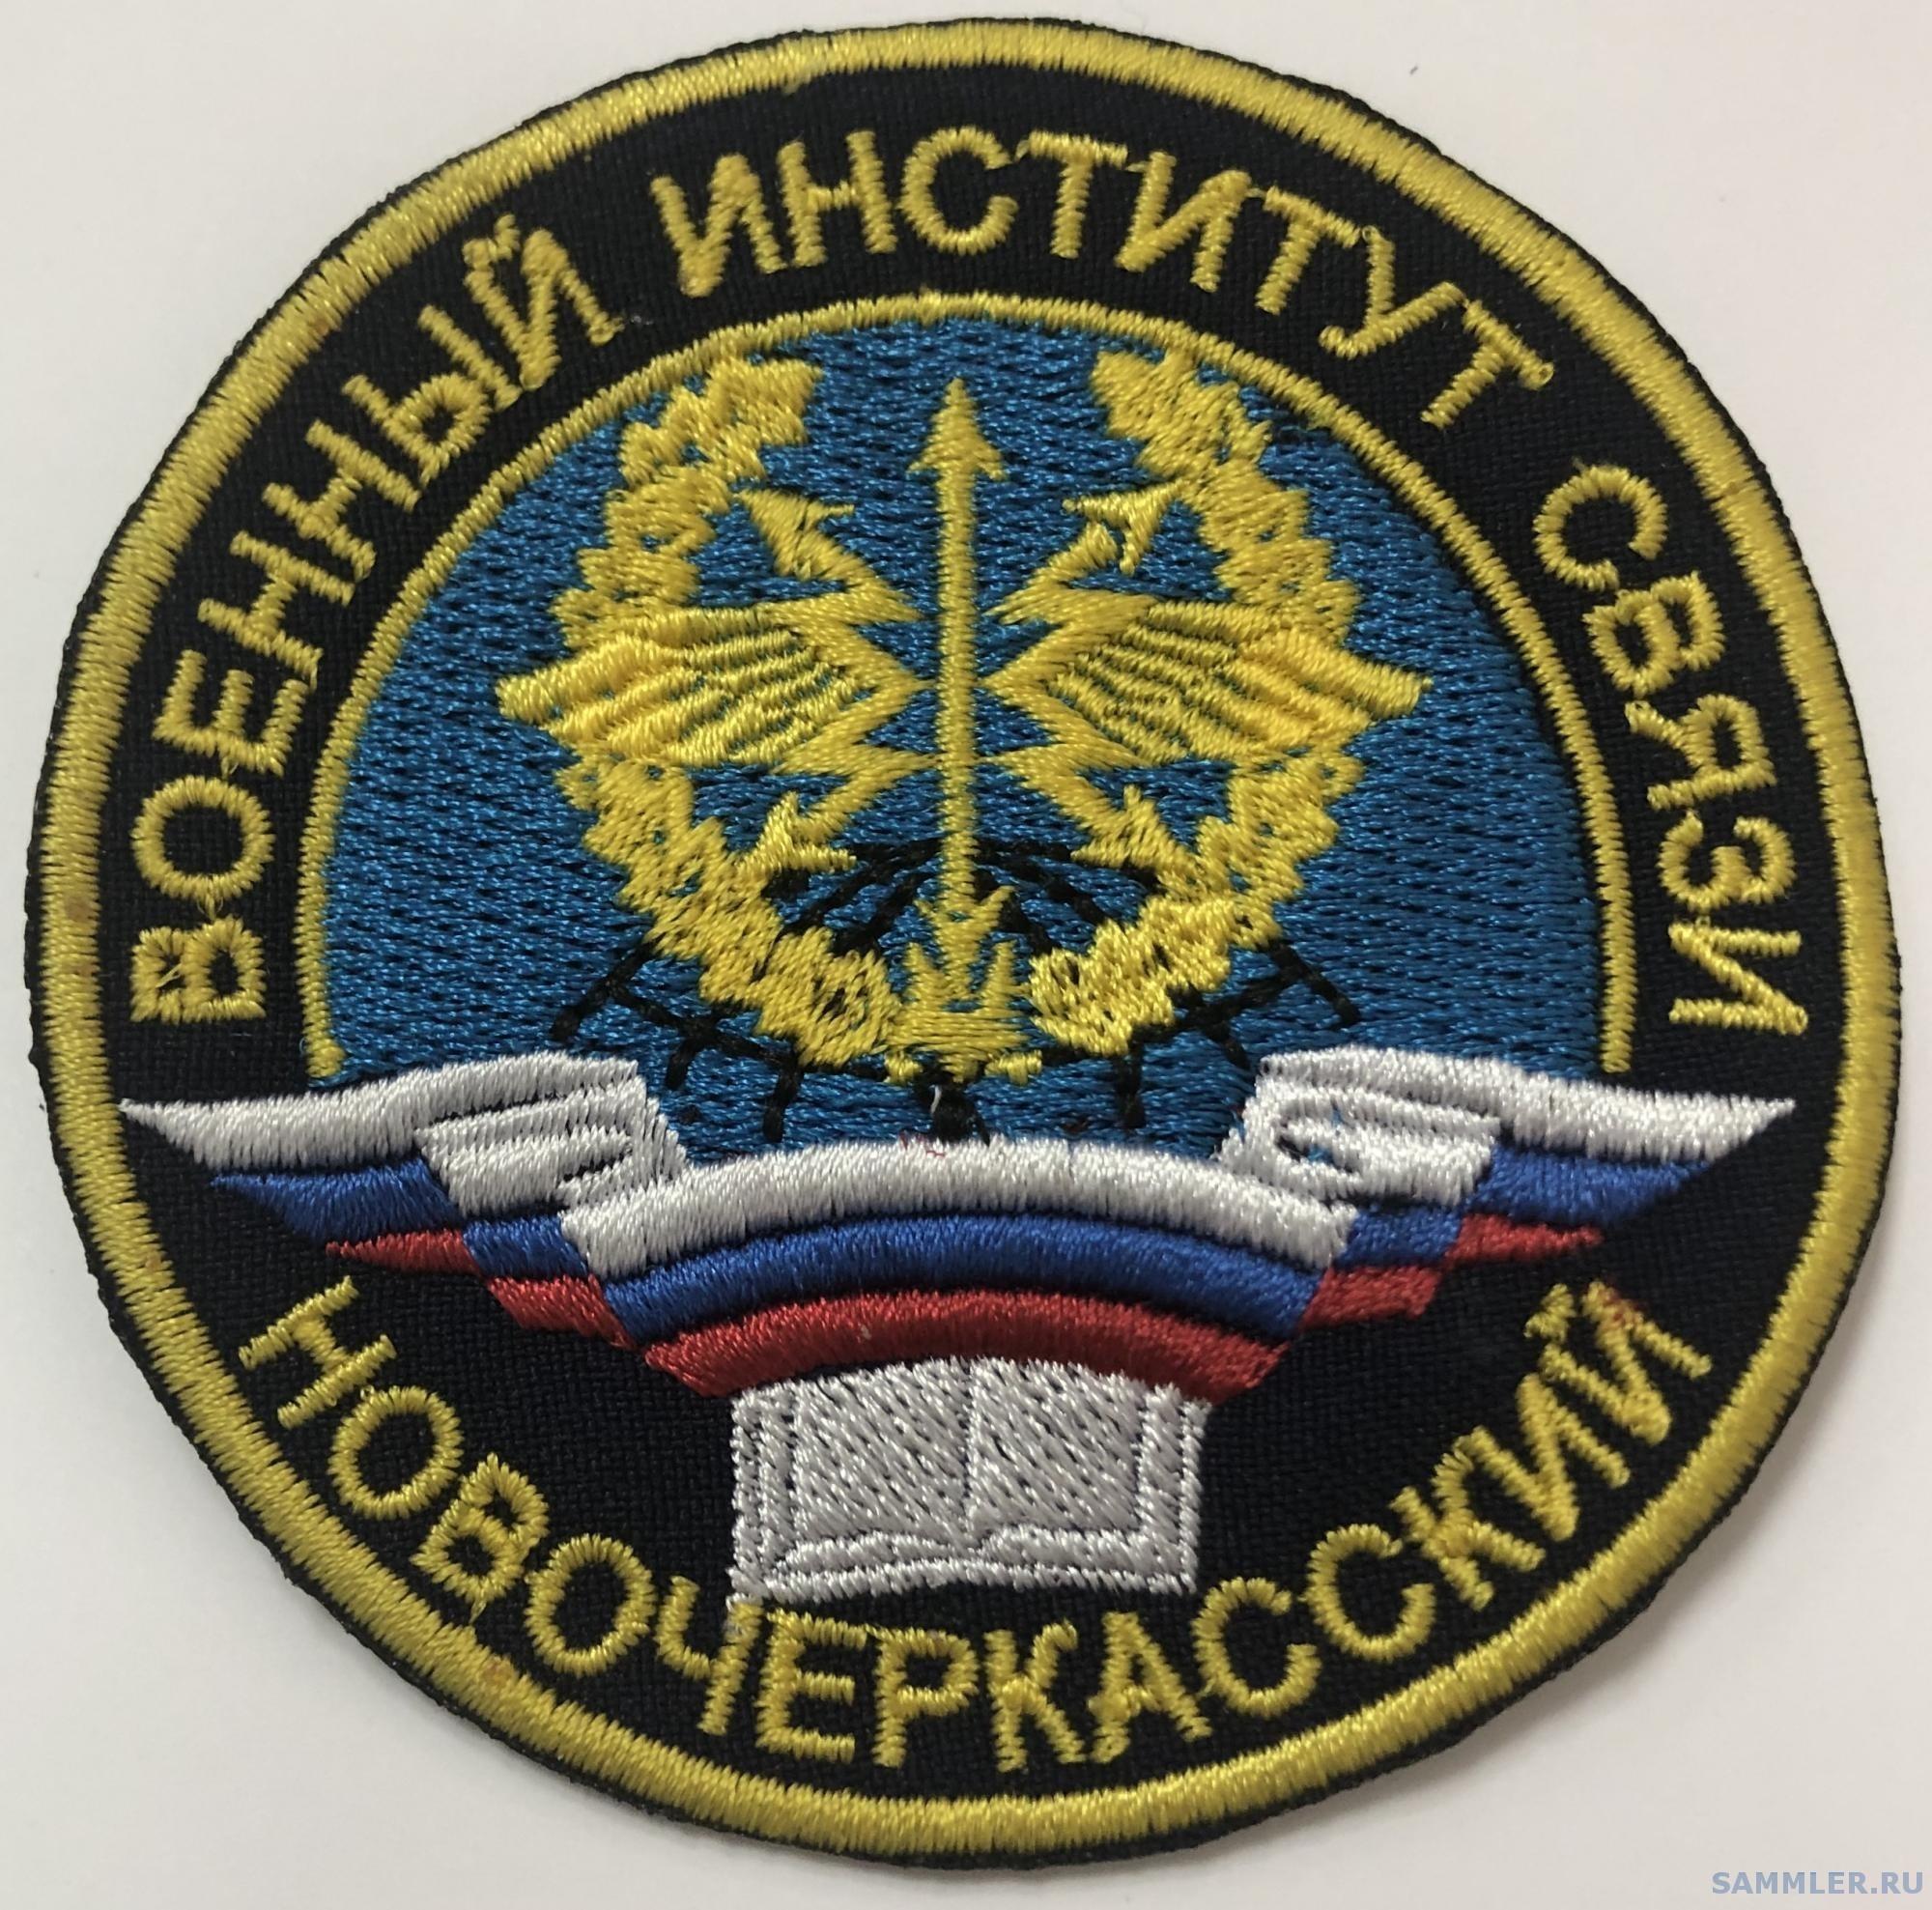 95B0B0D8-BC08-4493-A040-500F005FE2A2.jpeg